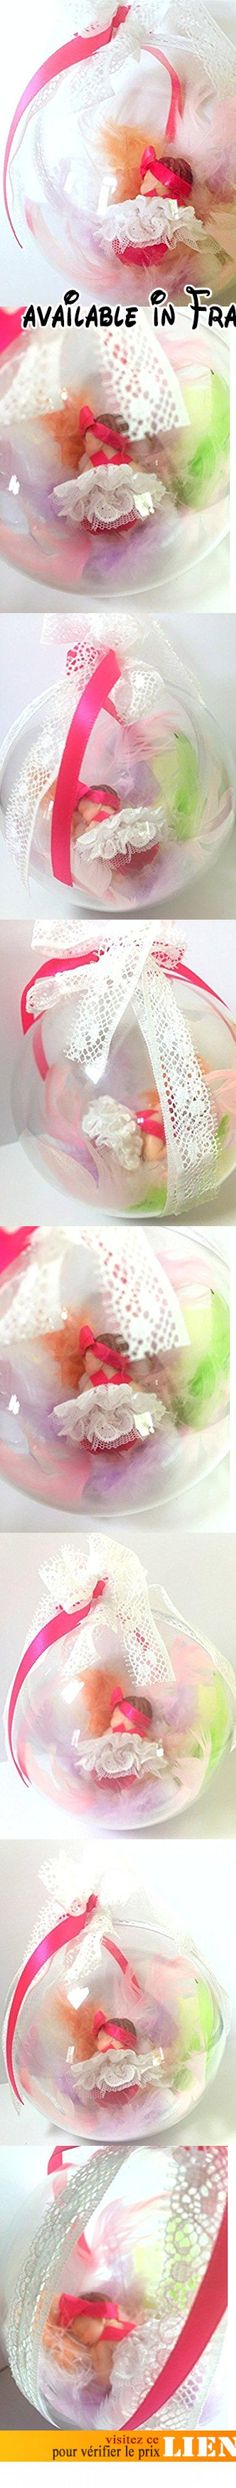 handmade/Boule décorative/ suspension /bébé fille/fimo/robe blanche/ robe de baptême/cadeau marraine /baby shower/naissance/fait main/plume.  #Guild Product #GUILD_BABY